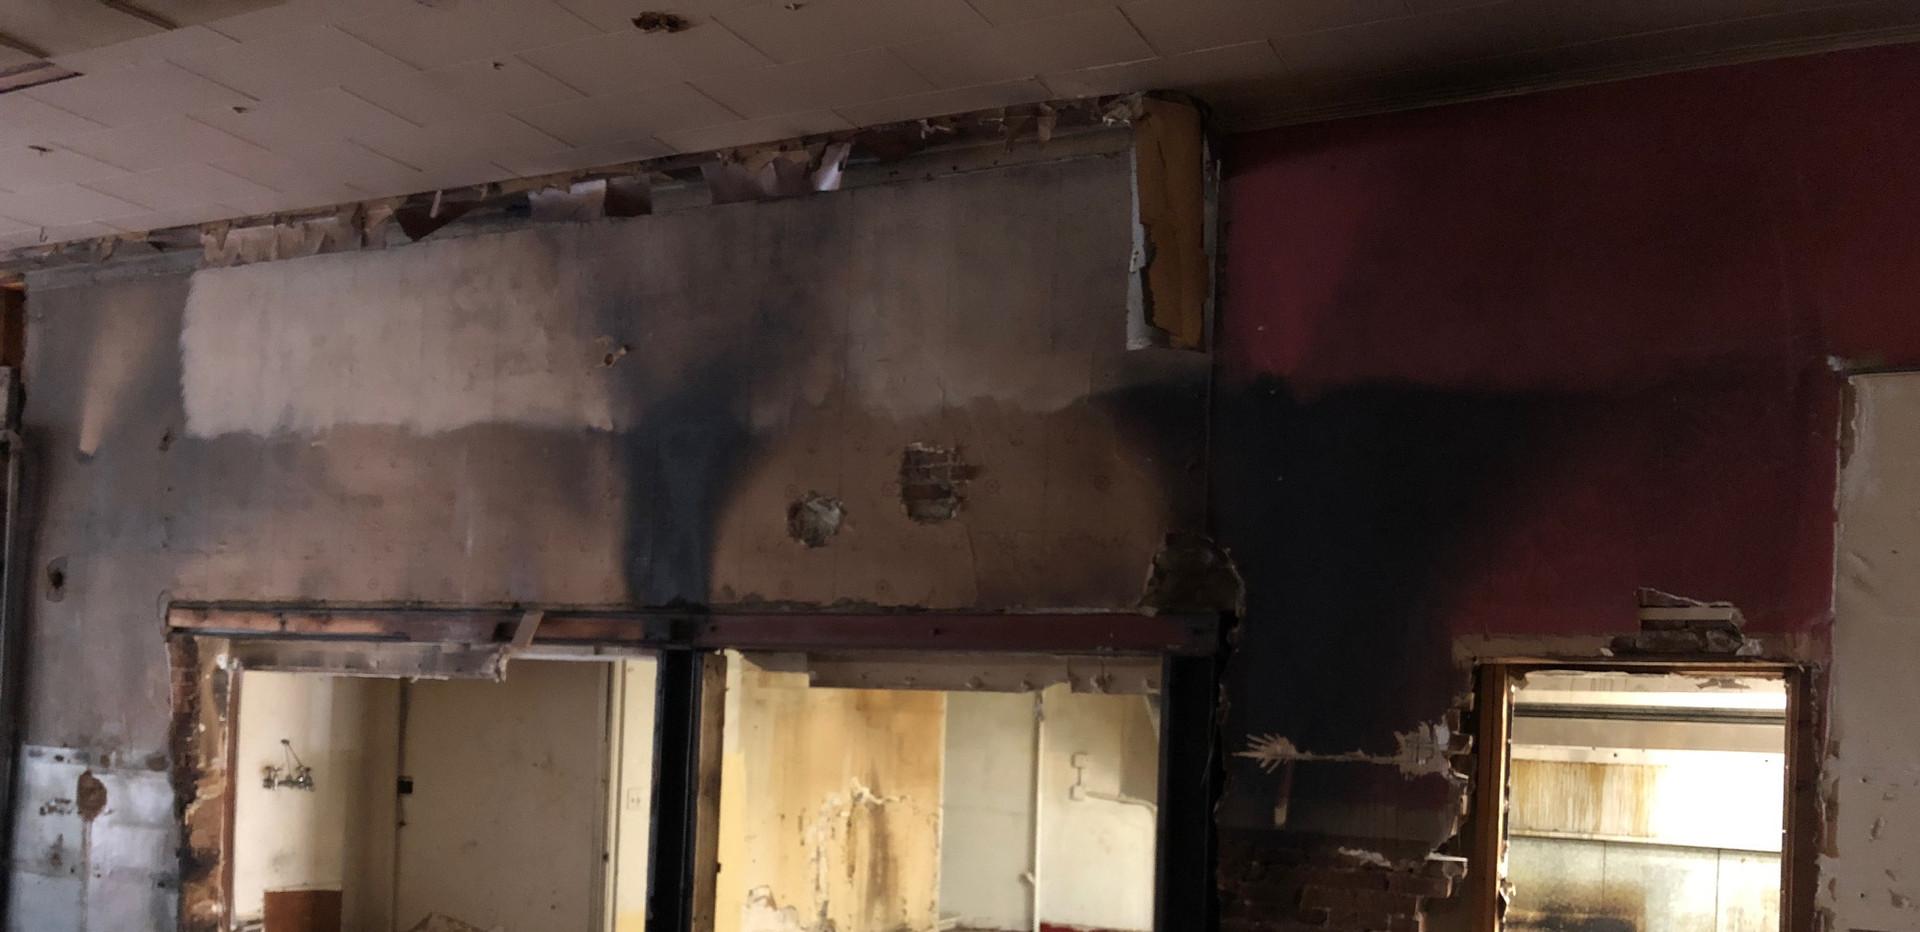 Demo of the main floor - hidden fire damage